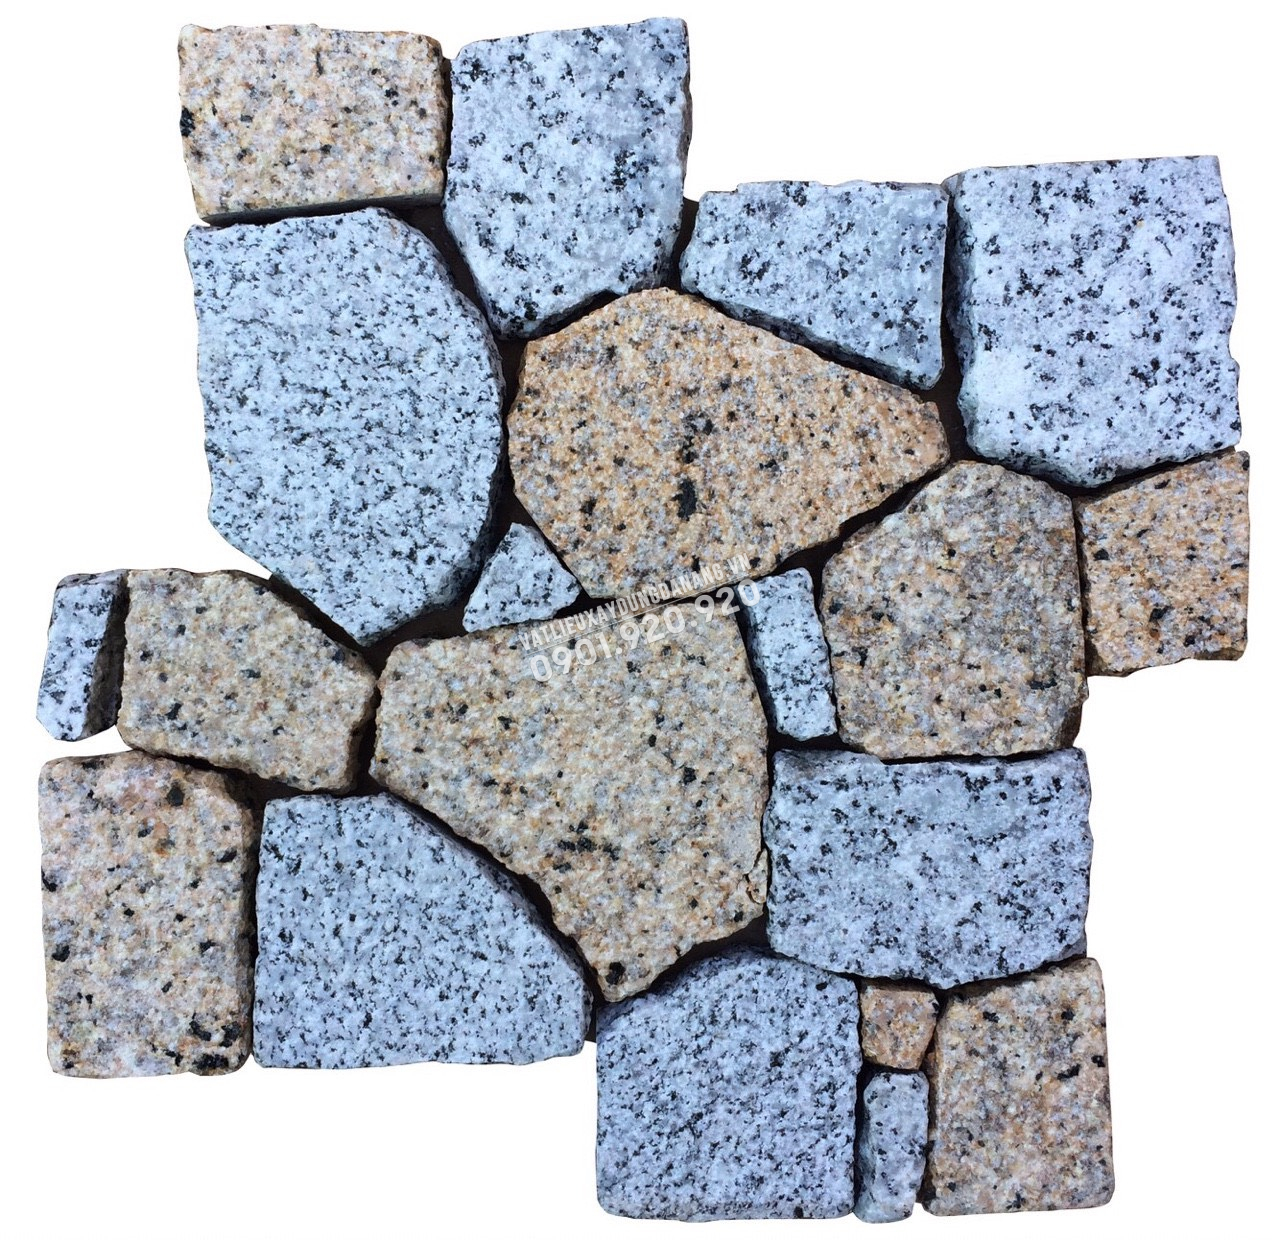 đá mosaic vàng băm trắng